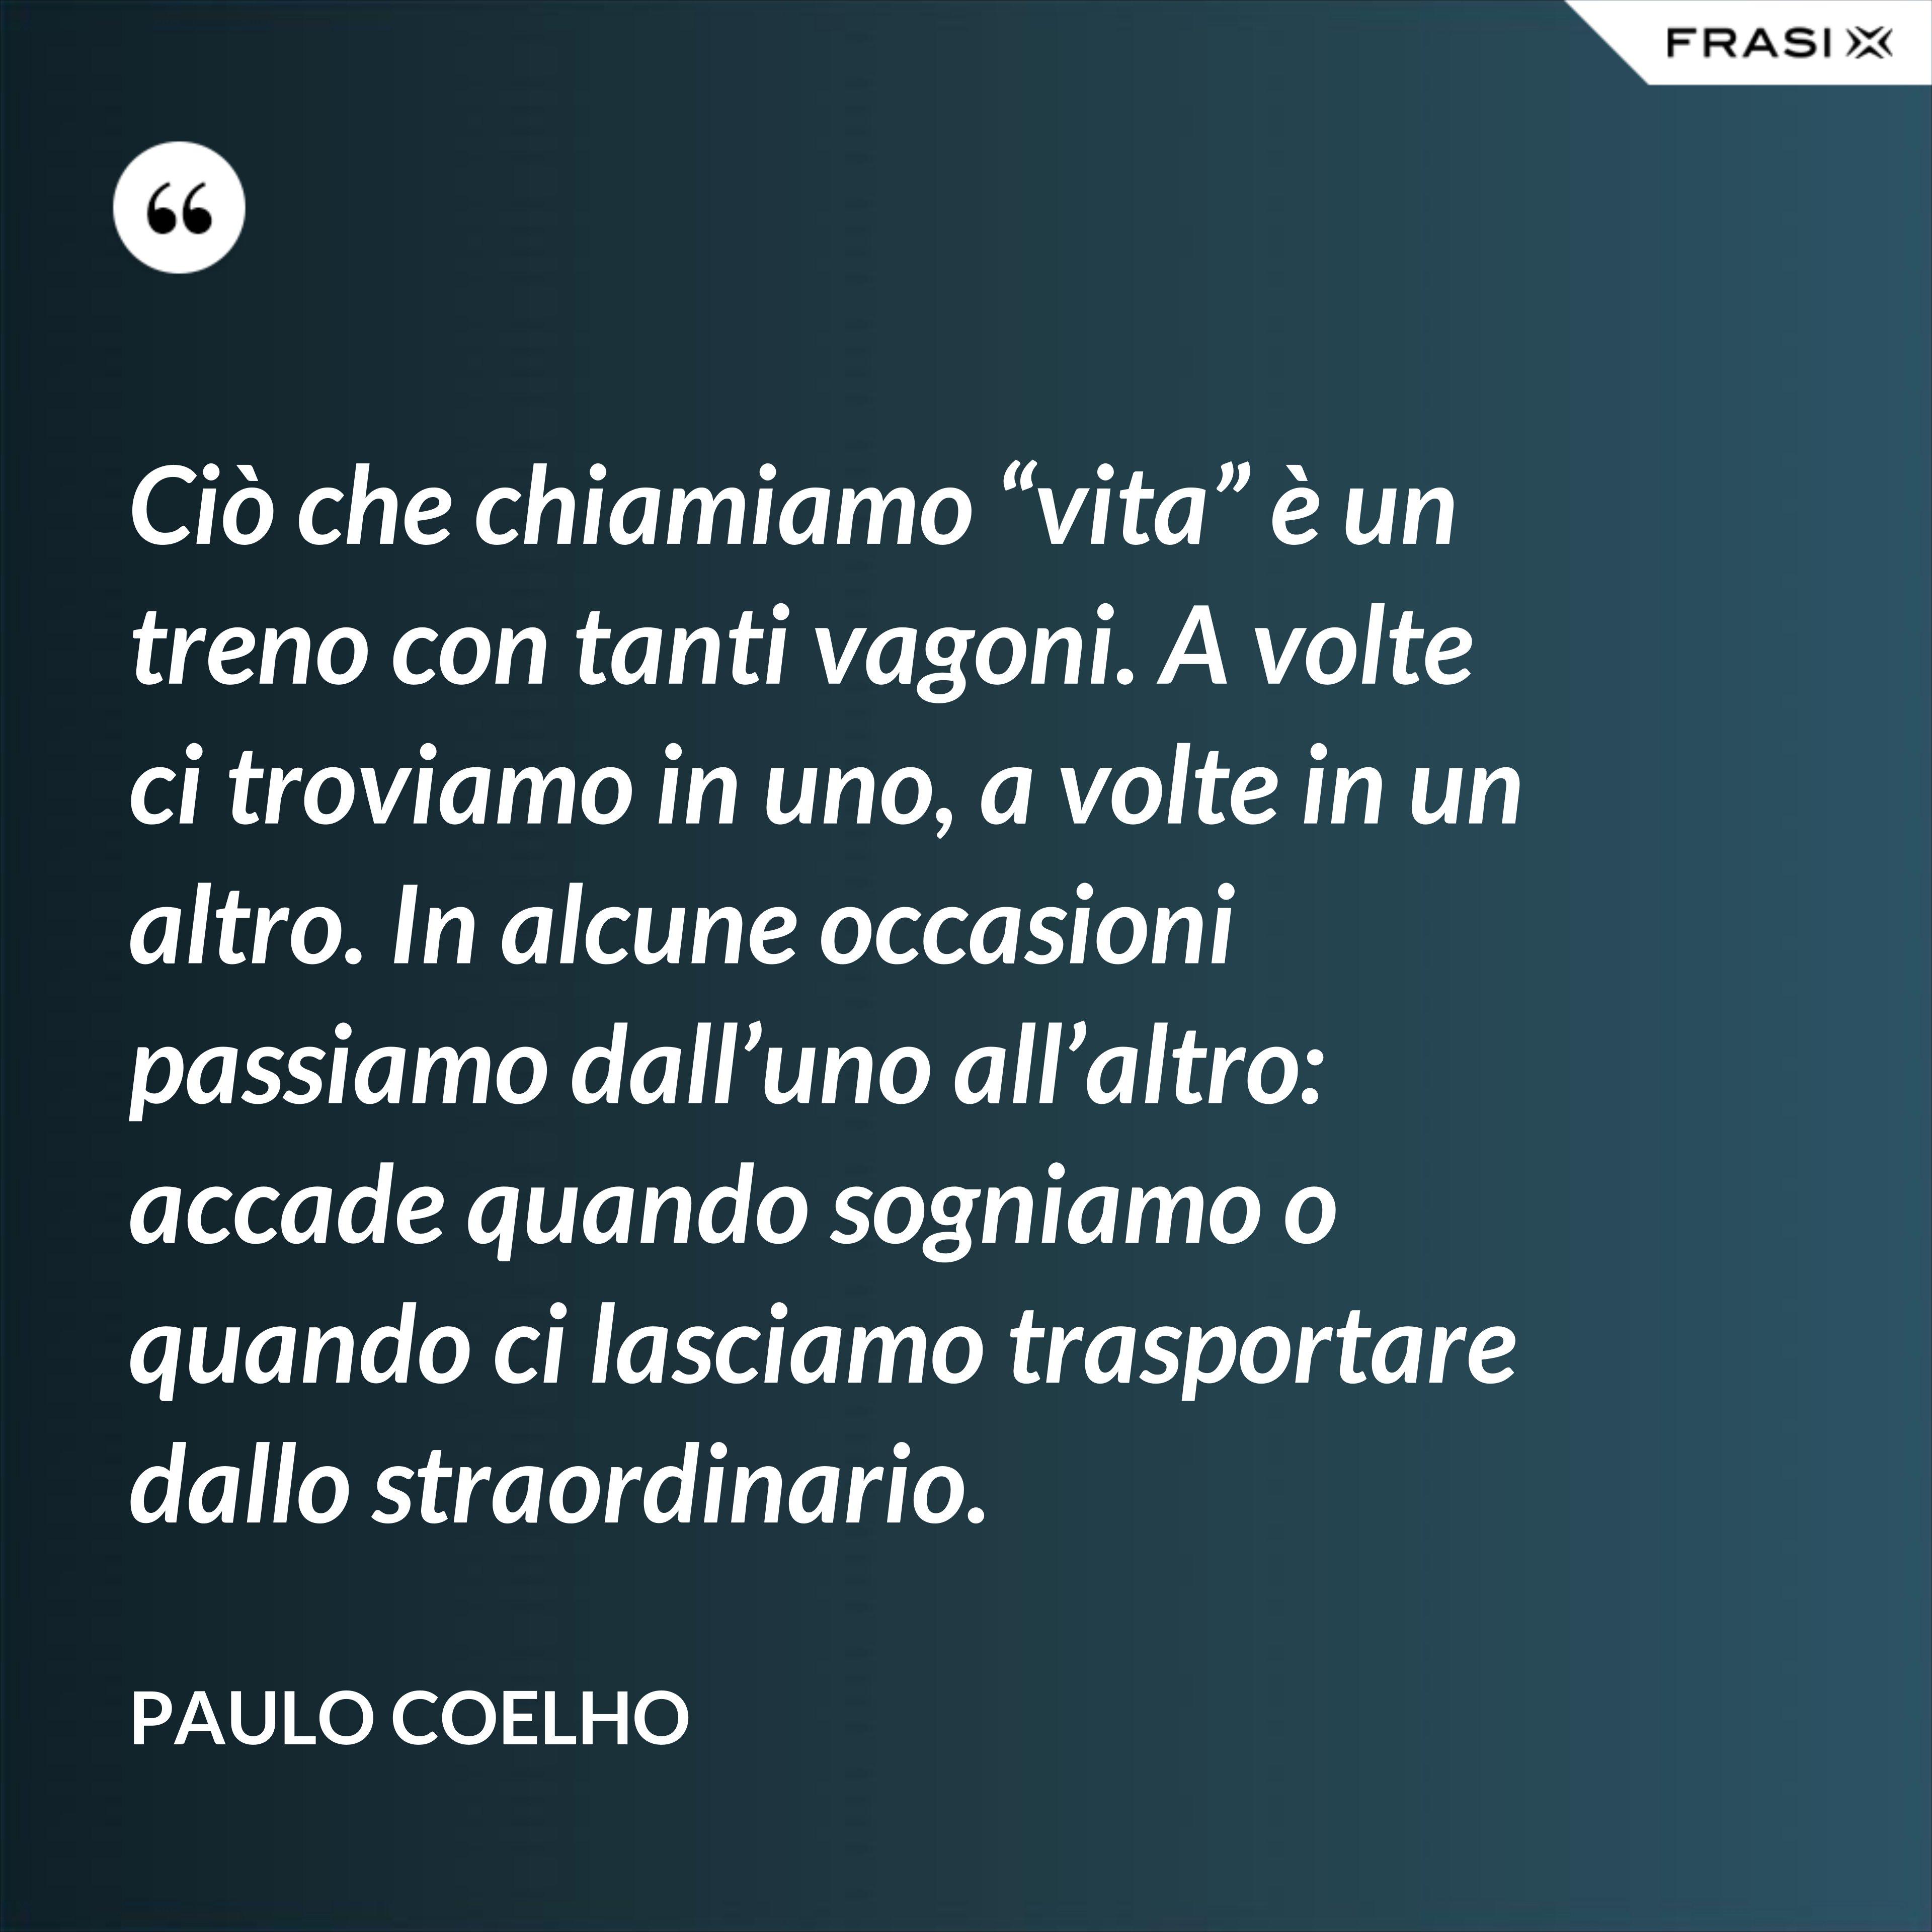 """Ciò che chiamiamo """"vita"""" è un treno con tanti vagoni. A volte ci troviamo in uno, a volte in un altro. In alcune occasioni passiamo dall'uno all'altro: accade quando sogniamo o quando ci lasciamo trasportare dallo straordinario. - Paulo Coelho"""